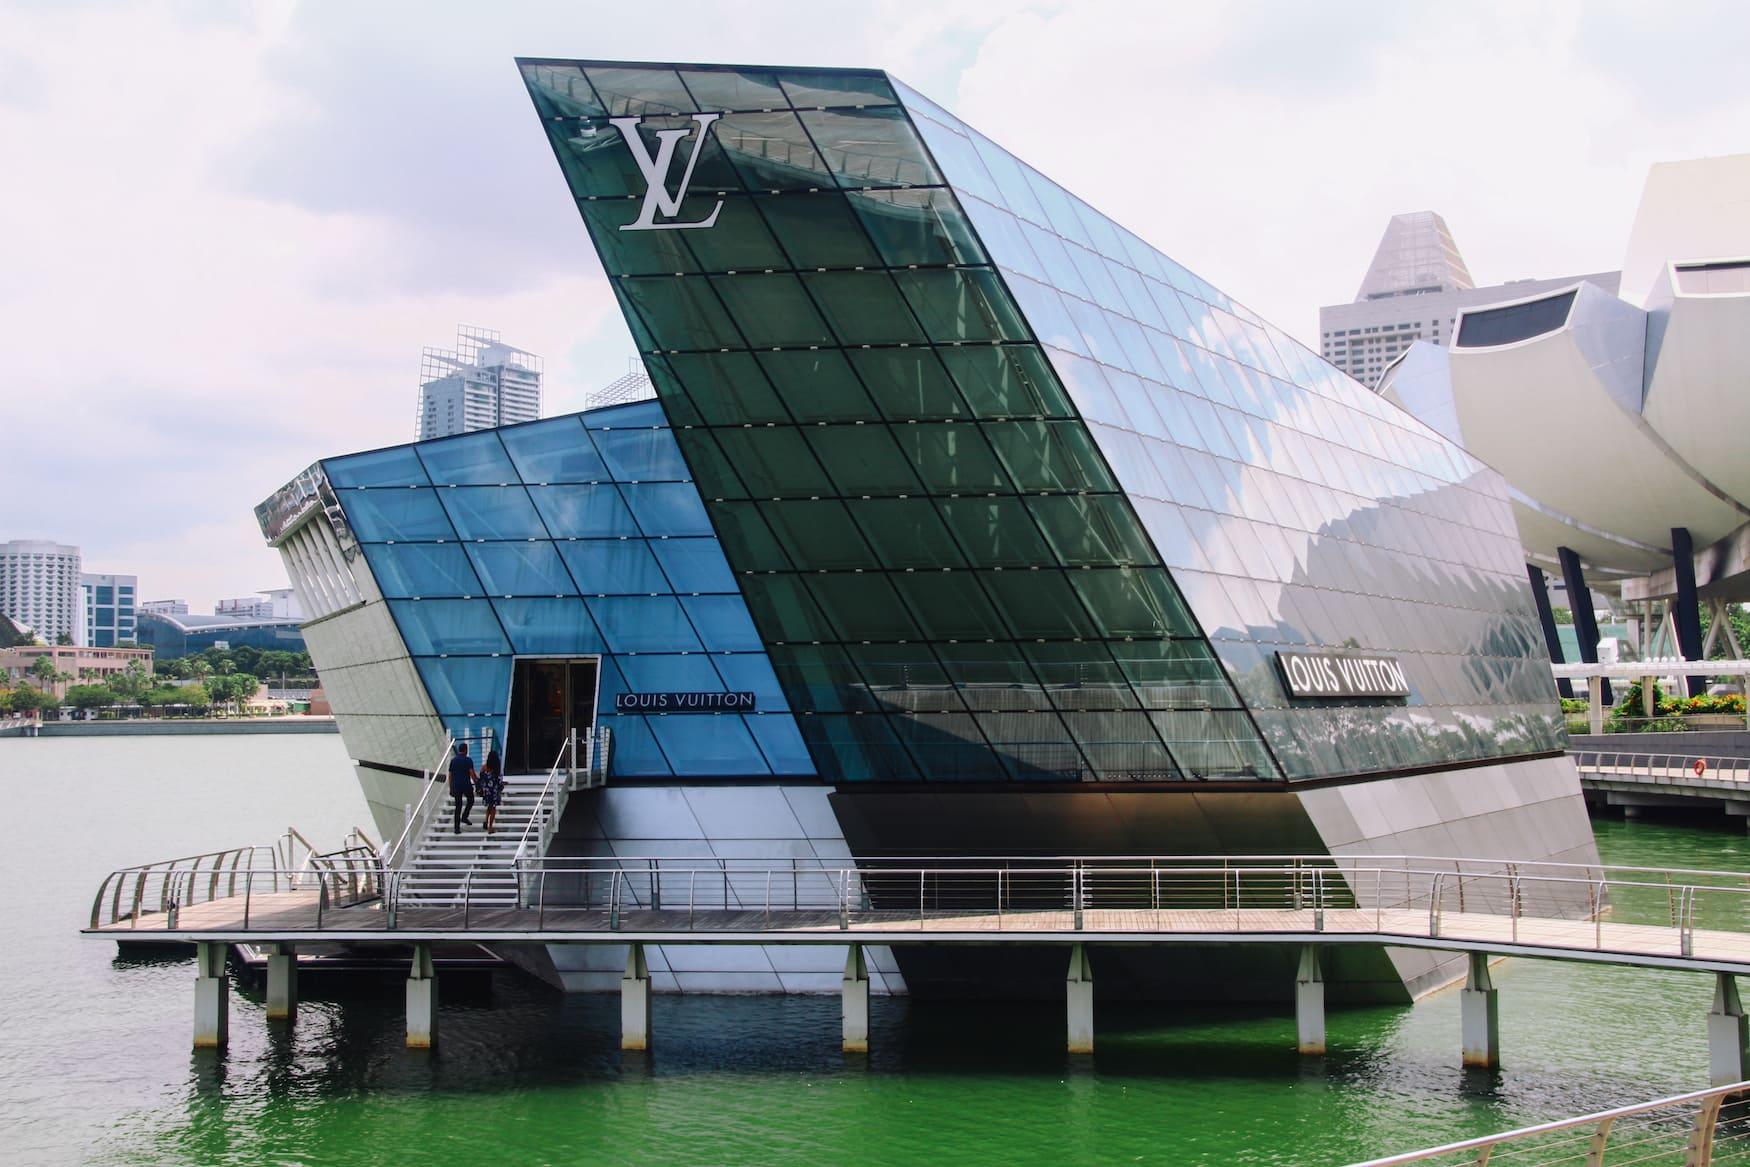 Louis Vuitton Flagship Store ist eine der luxuriösen Sehenswürdigkeiten in Singapur